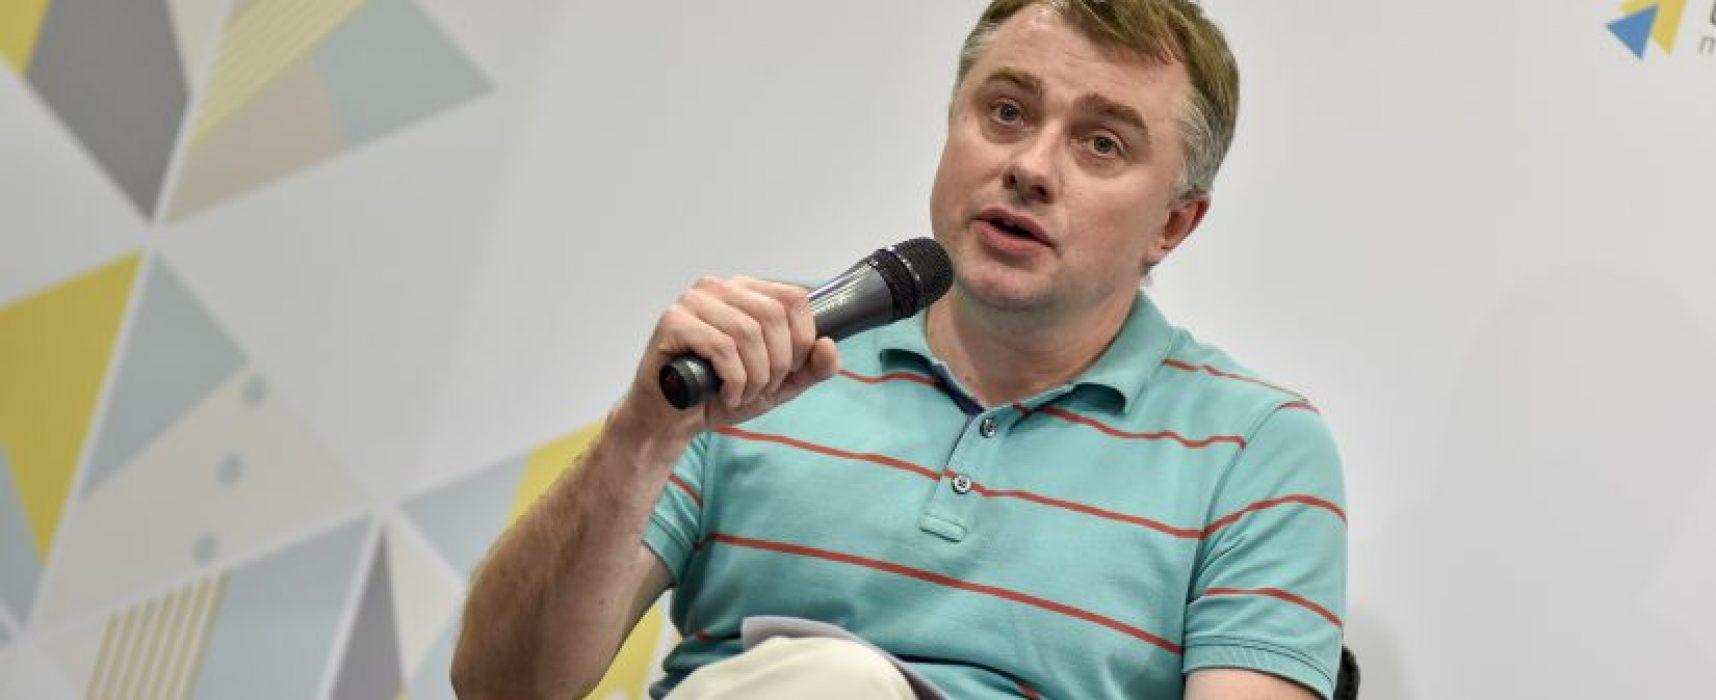 Investigación de StopFake: el 58% de los ucranianos reconocen la amenaza de la propaganda rusa